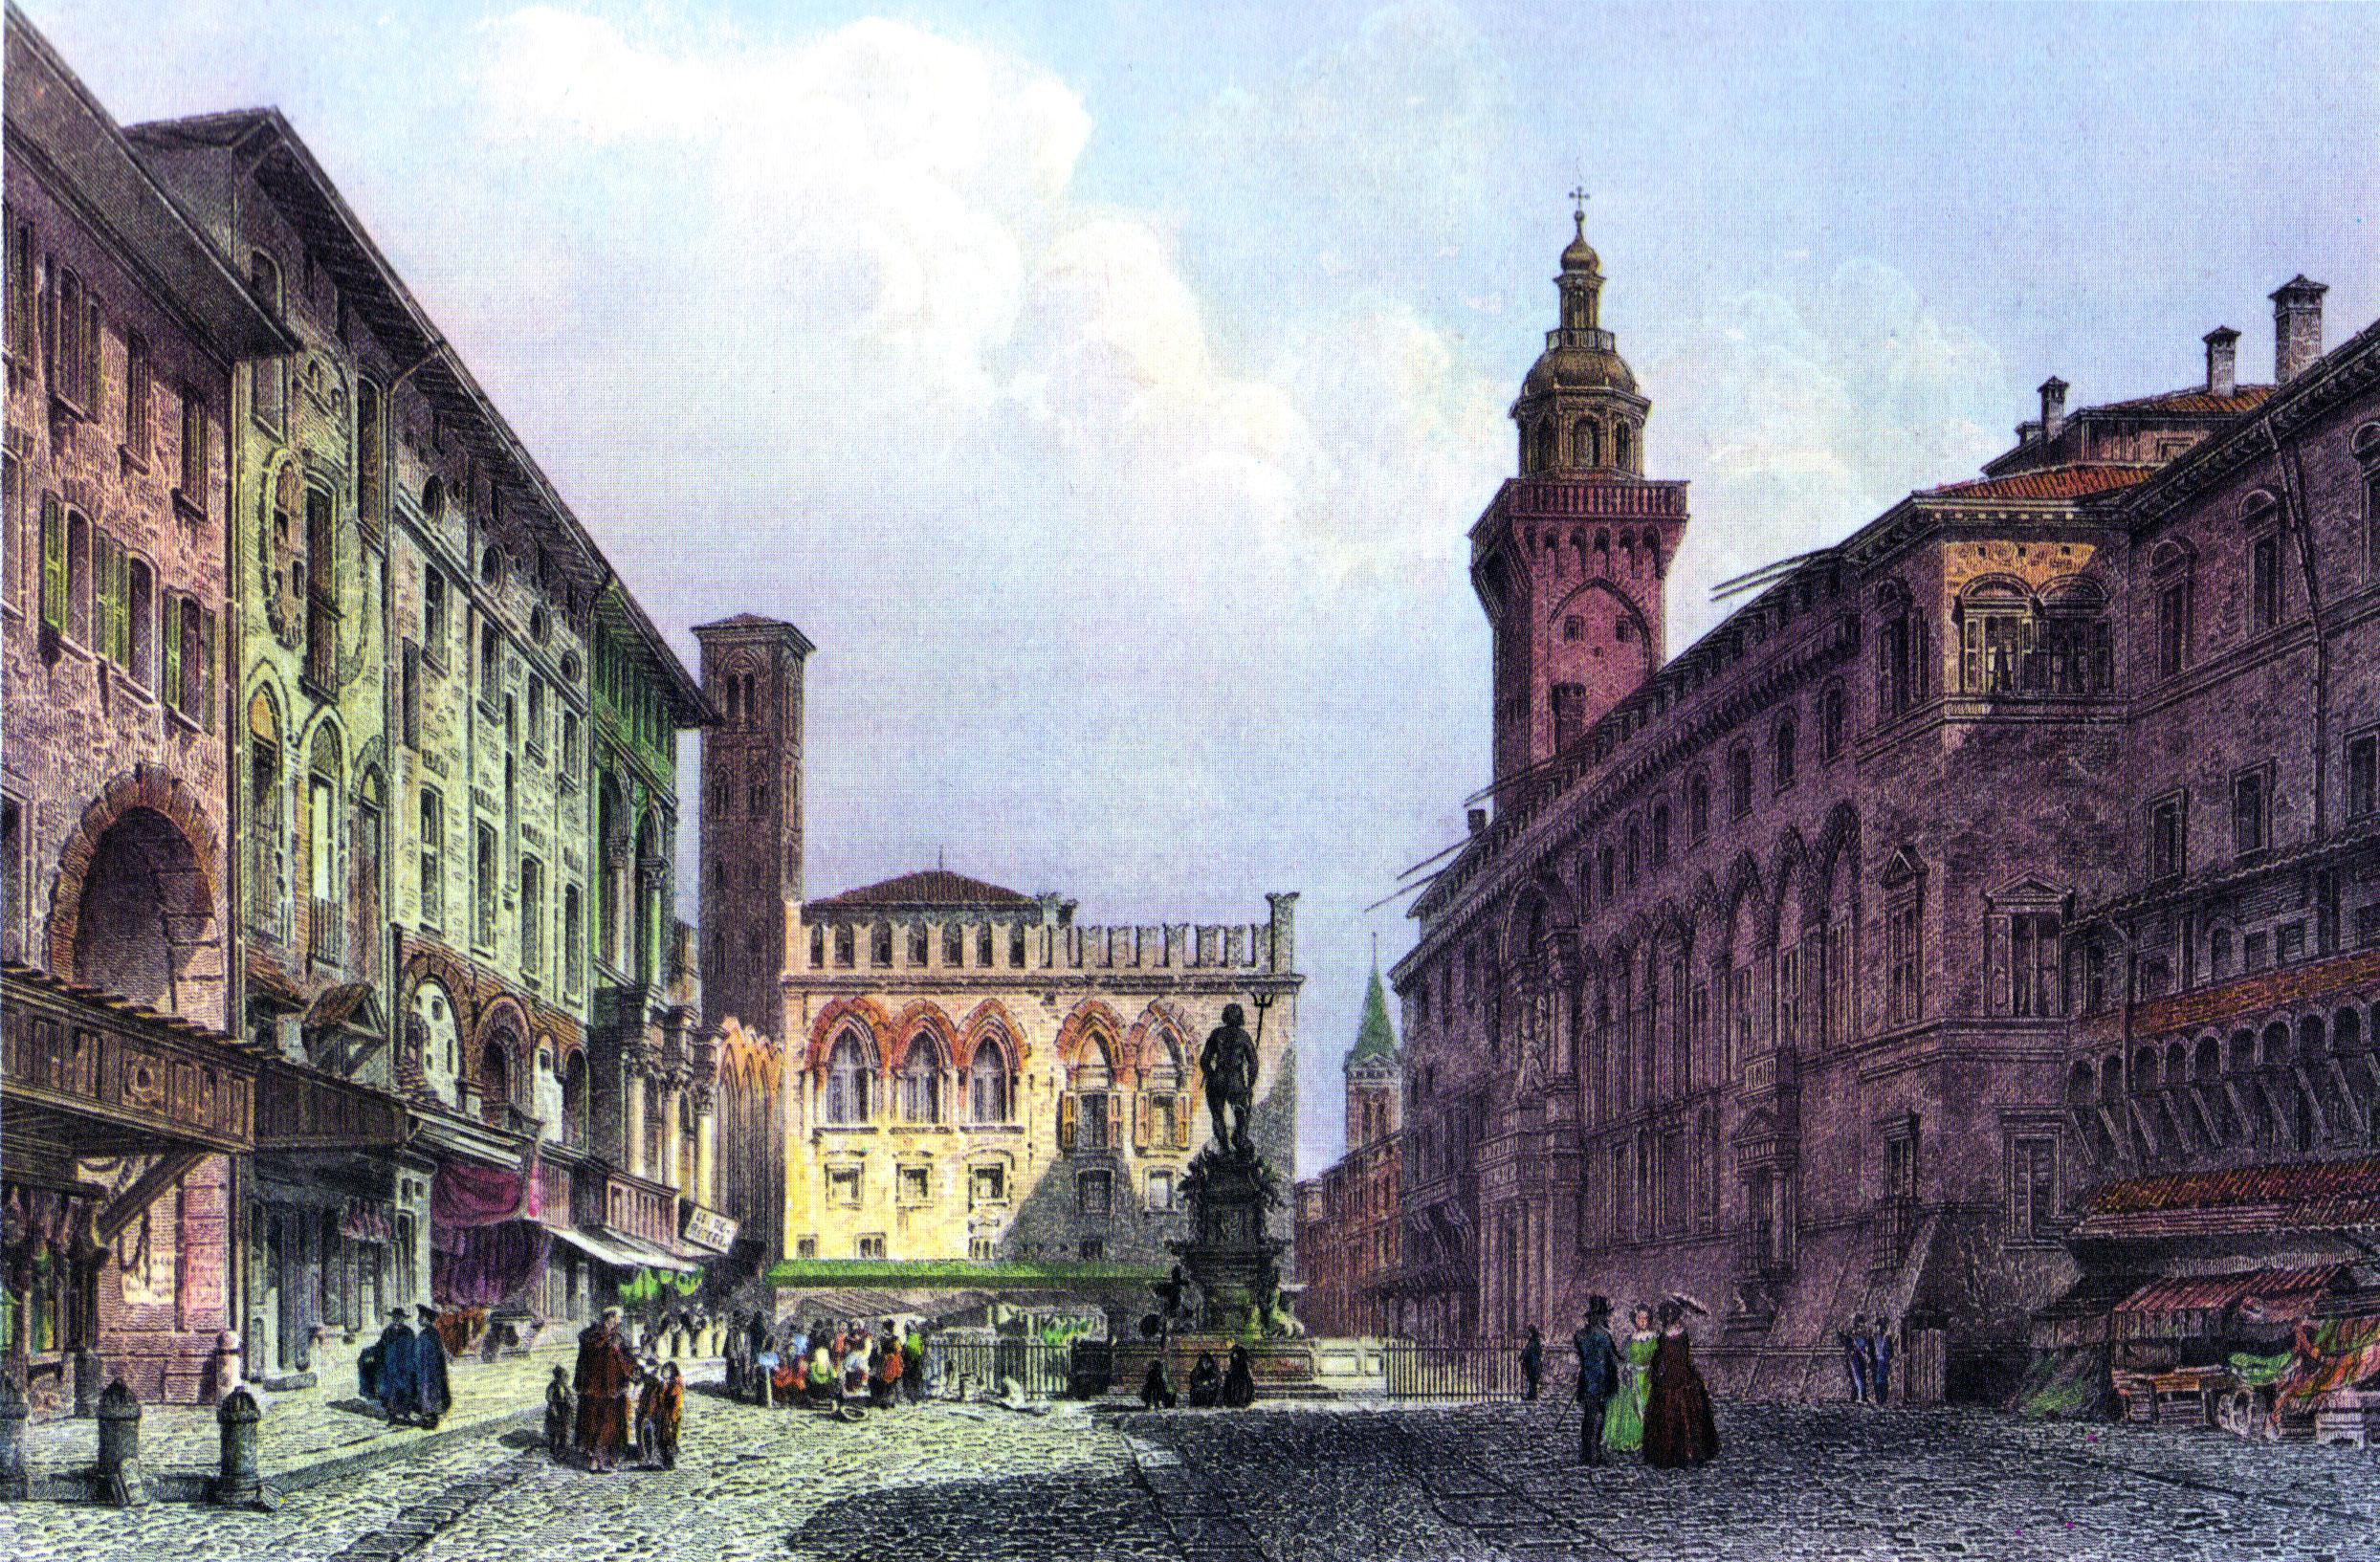 La Piazza Maggiore de Bologne, aux alentours de 1855 | Source: Wikimedia Commons